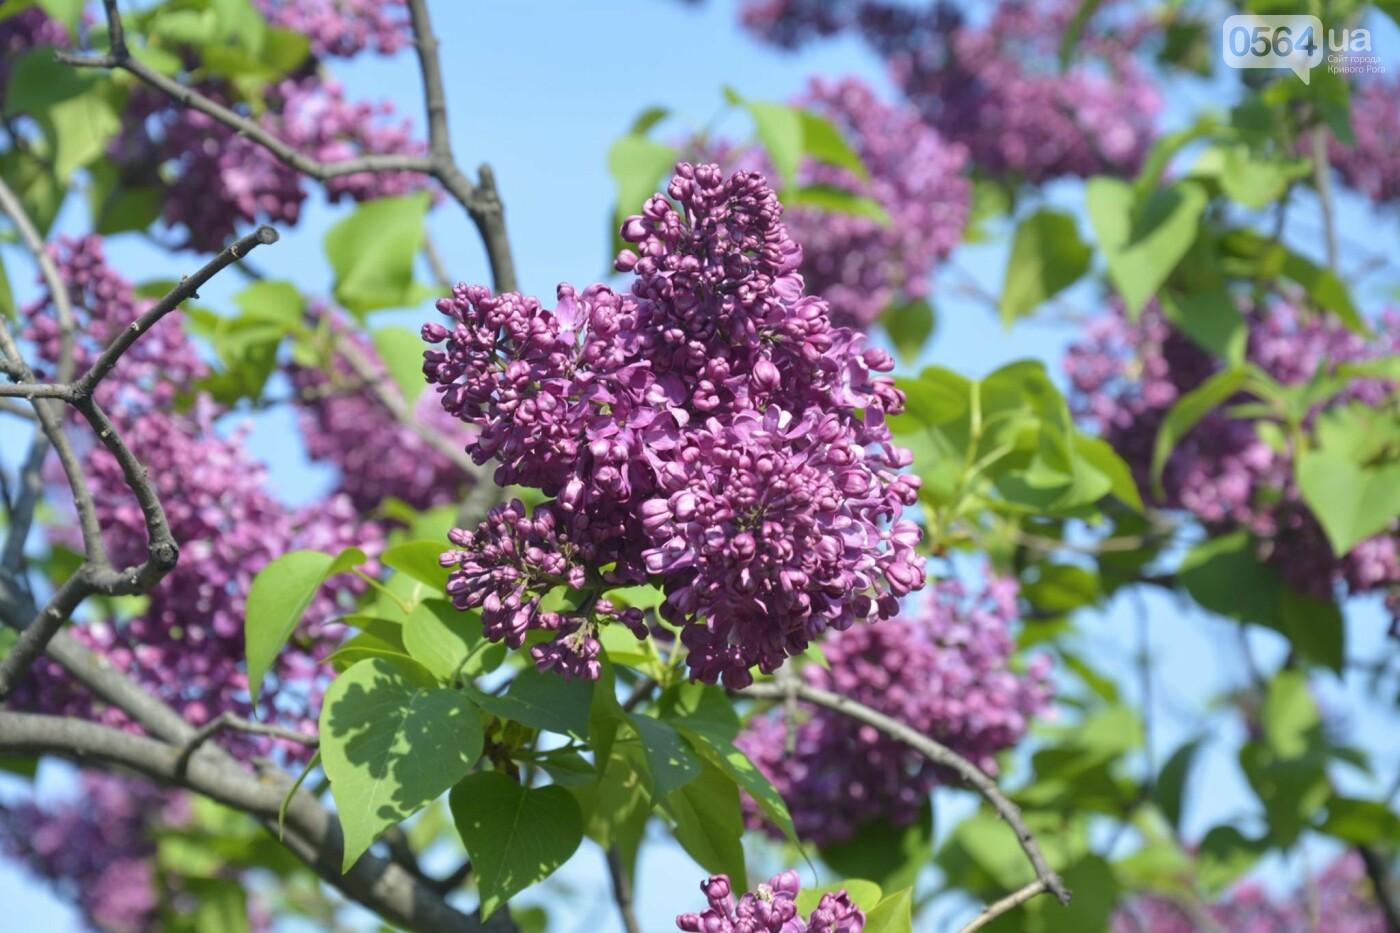 """Коллекция сирени, тюльпан """"Черный кофе"""", барбарис, - как выглядит Криворожский ботанический сад сегодня, - ФОТО, фото-31"""